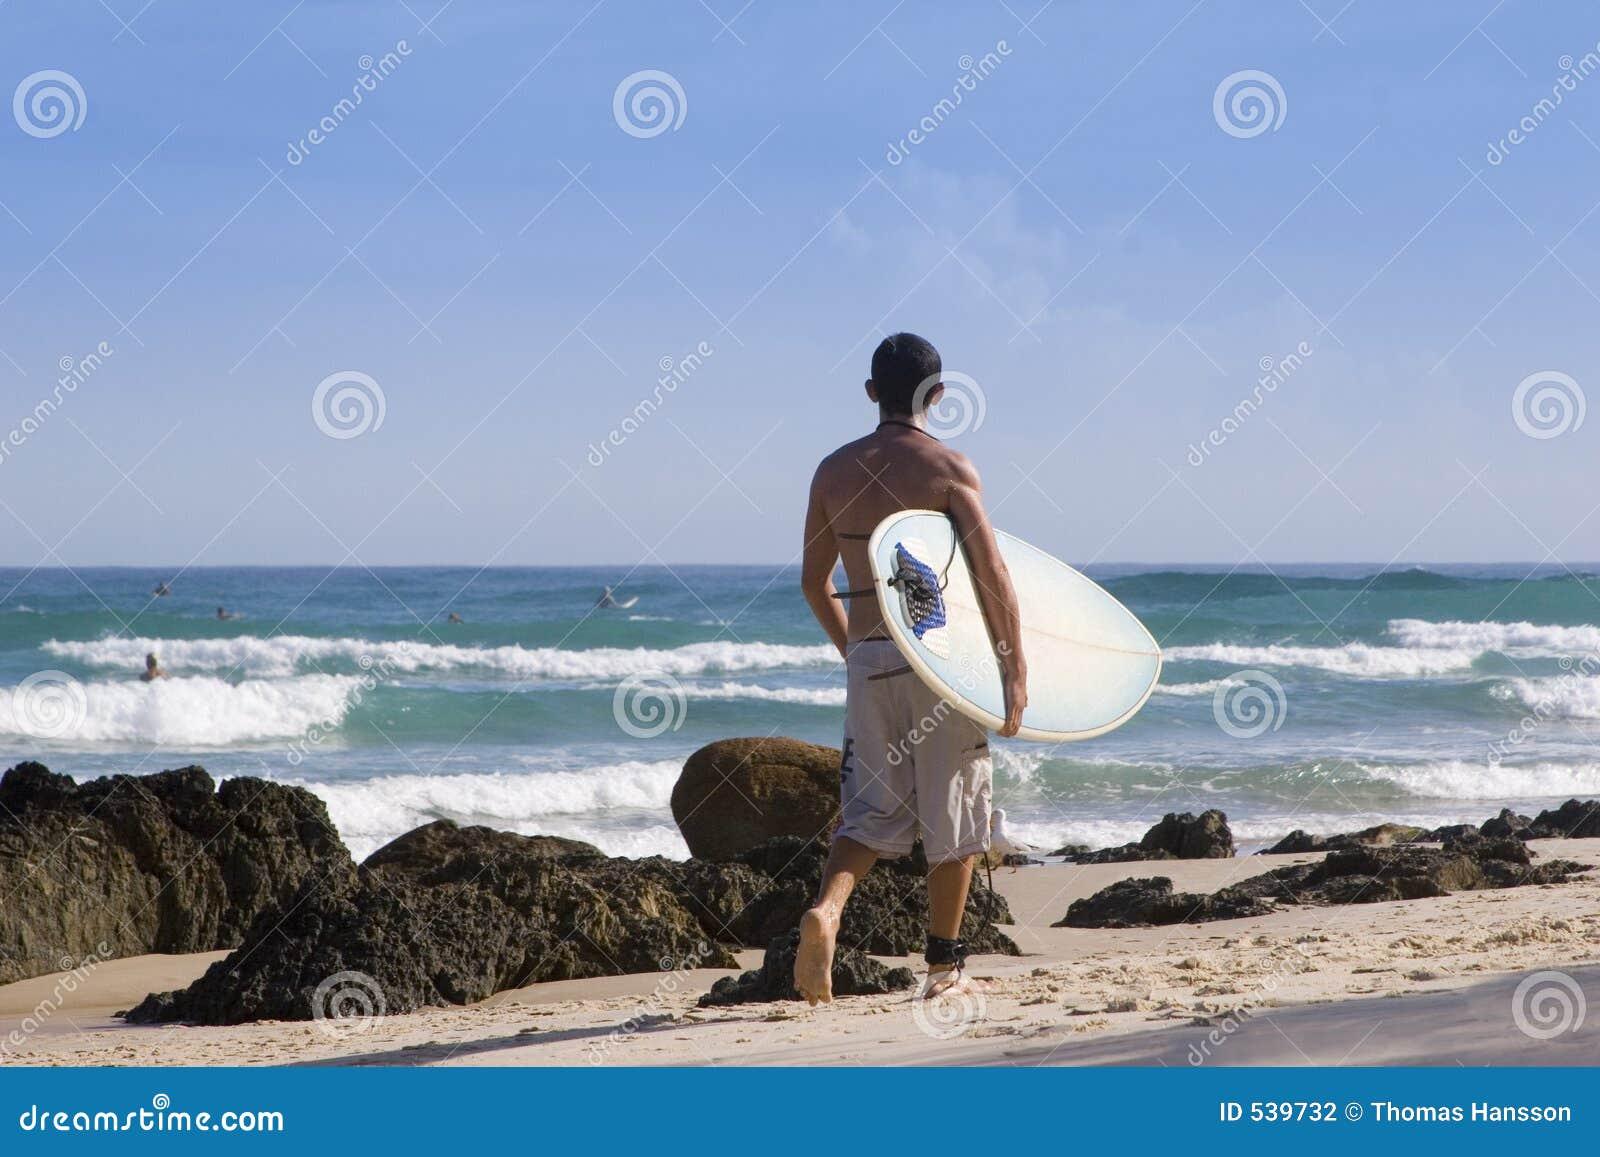 Australia 2 surfer